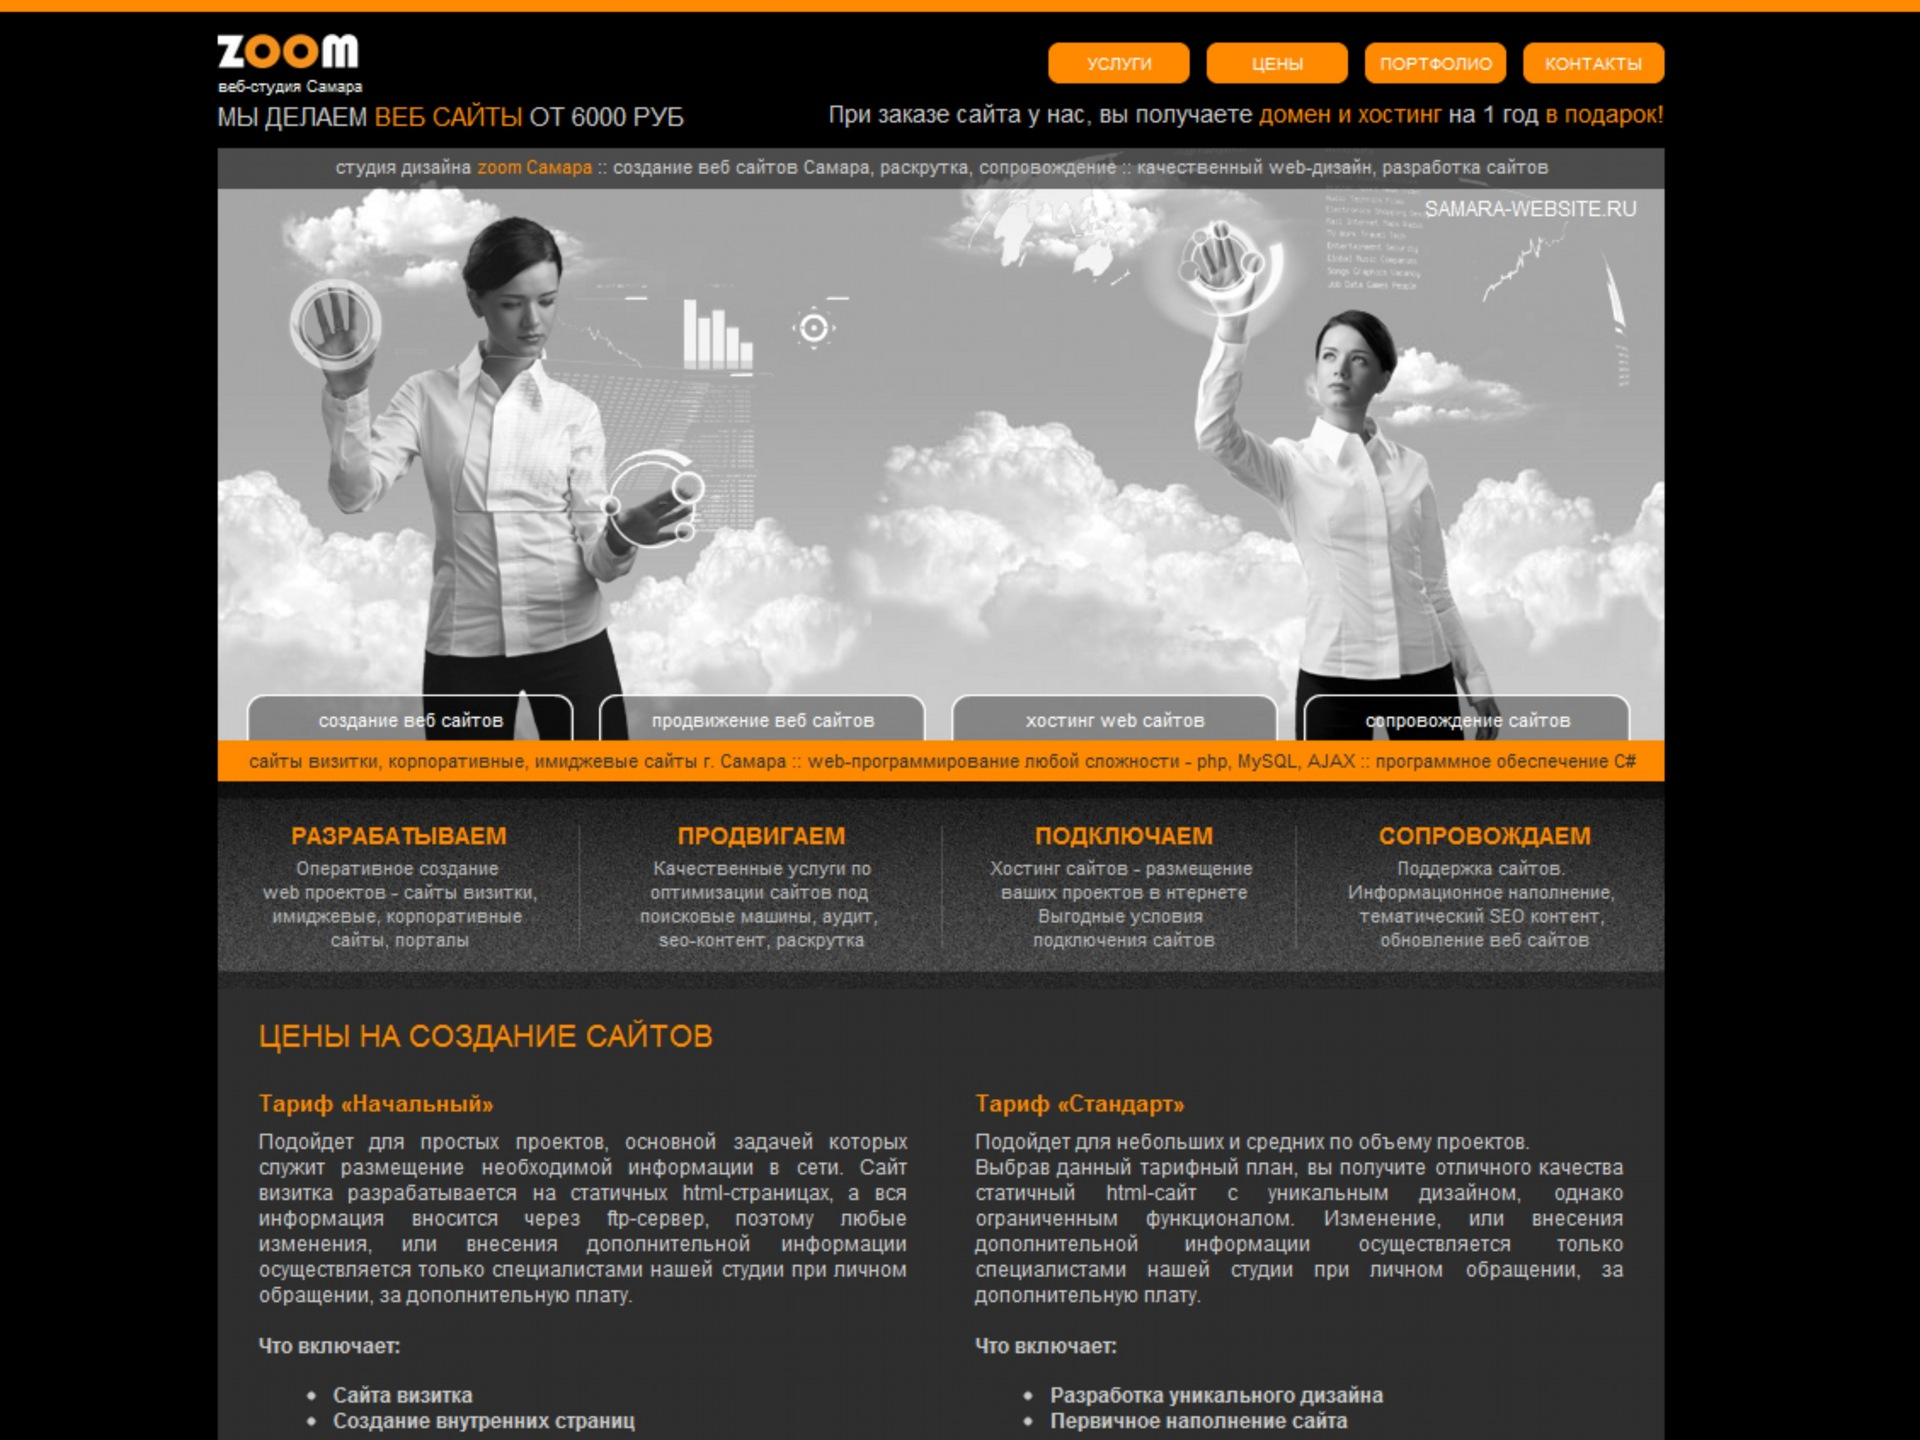 Создание сайта сама сайт компании как написать в резюме